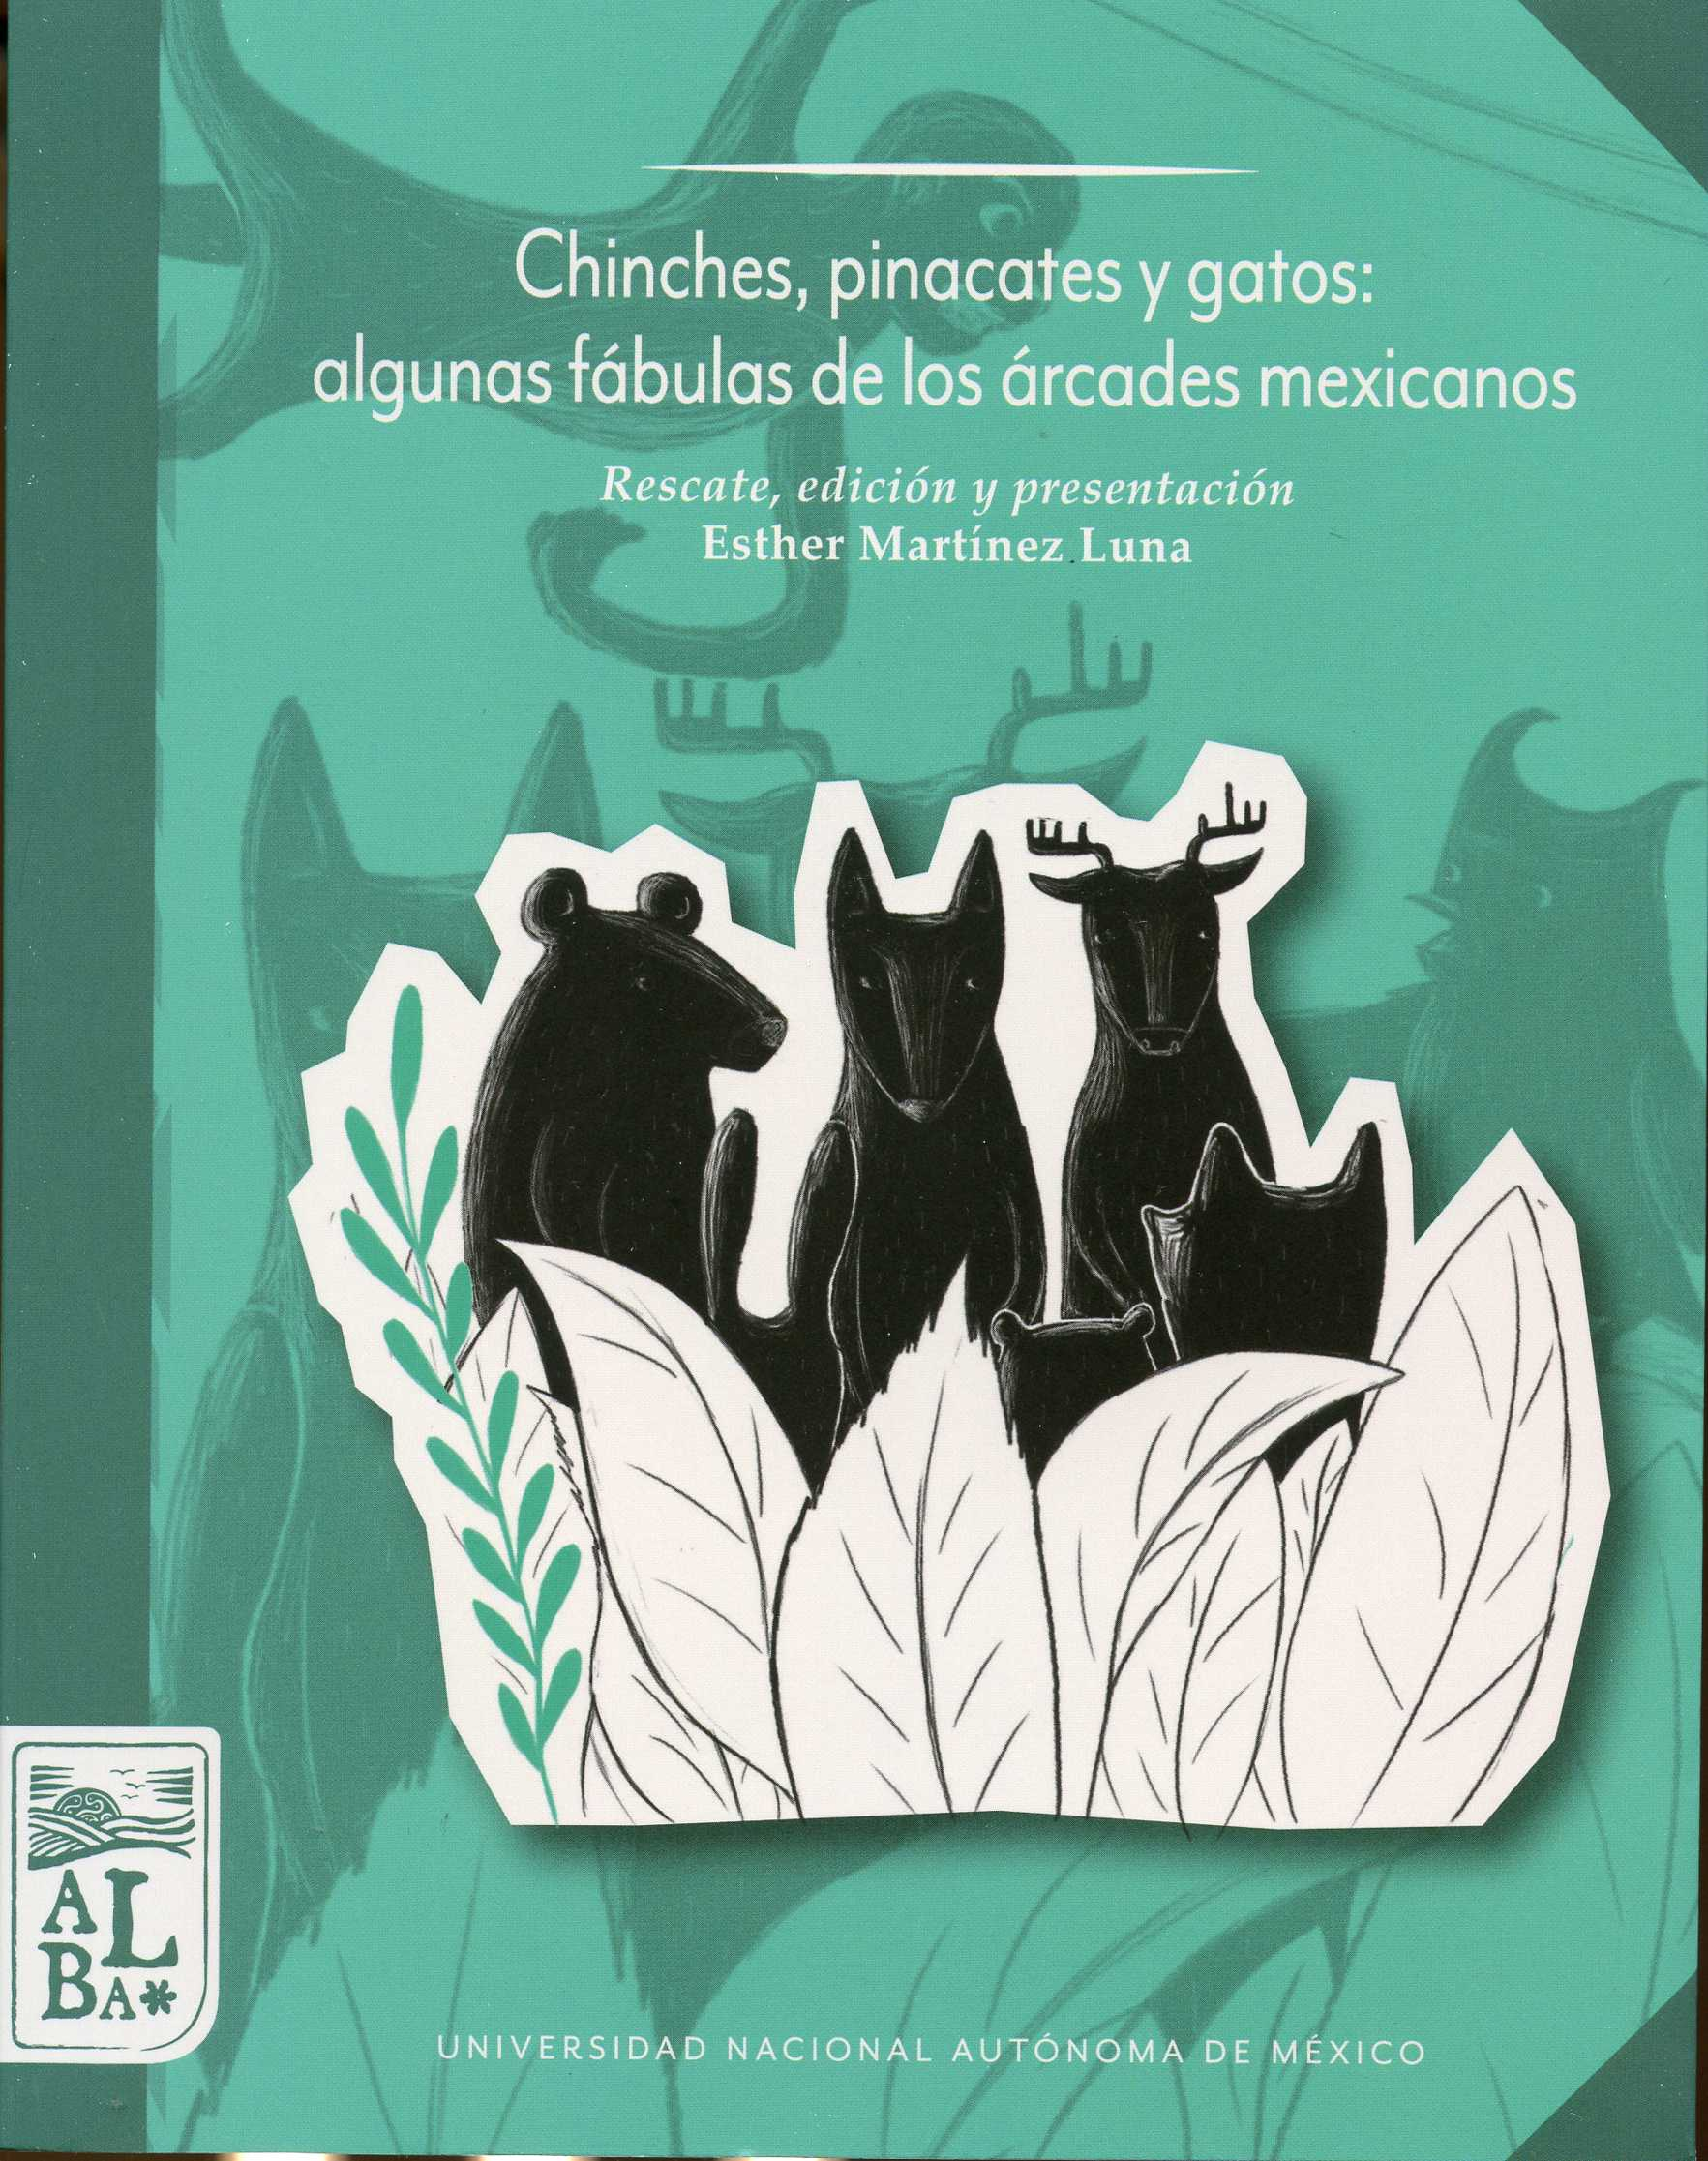 Chinches, pinacates y gatos: algunas fábulas de los árcades mexicanos